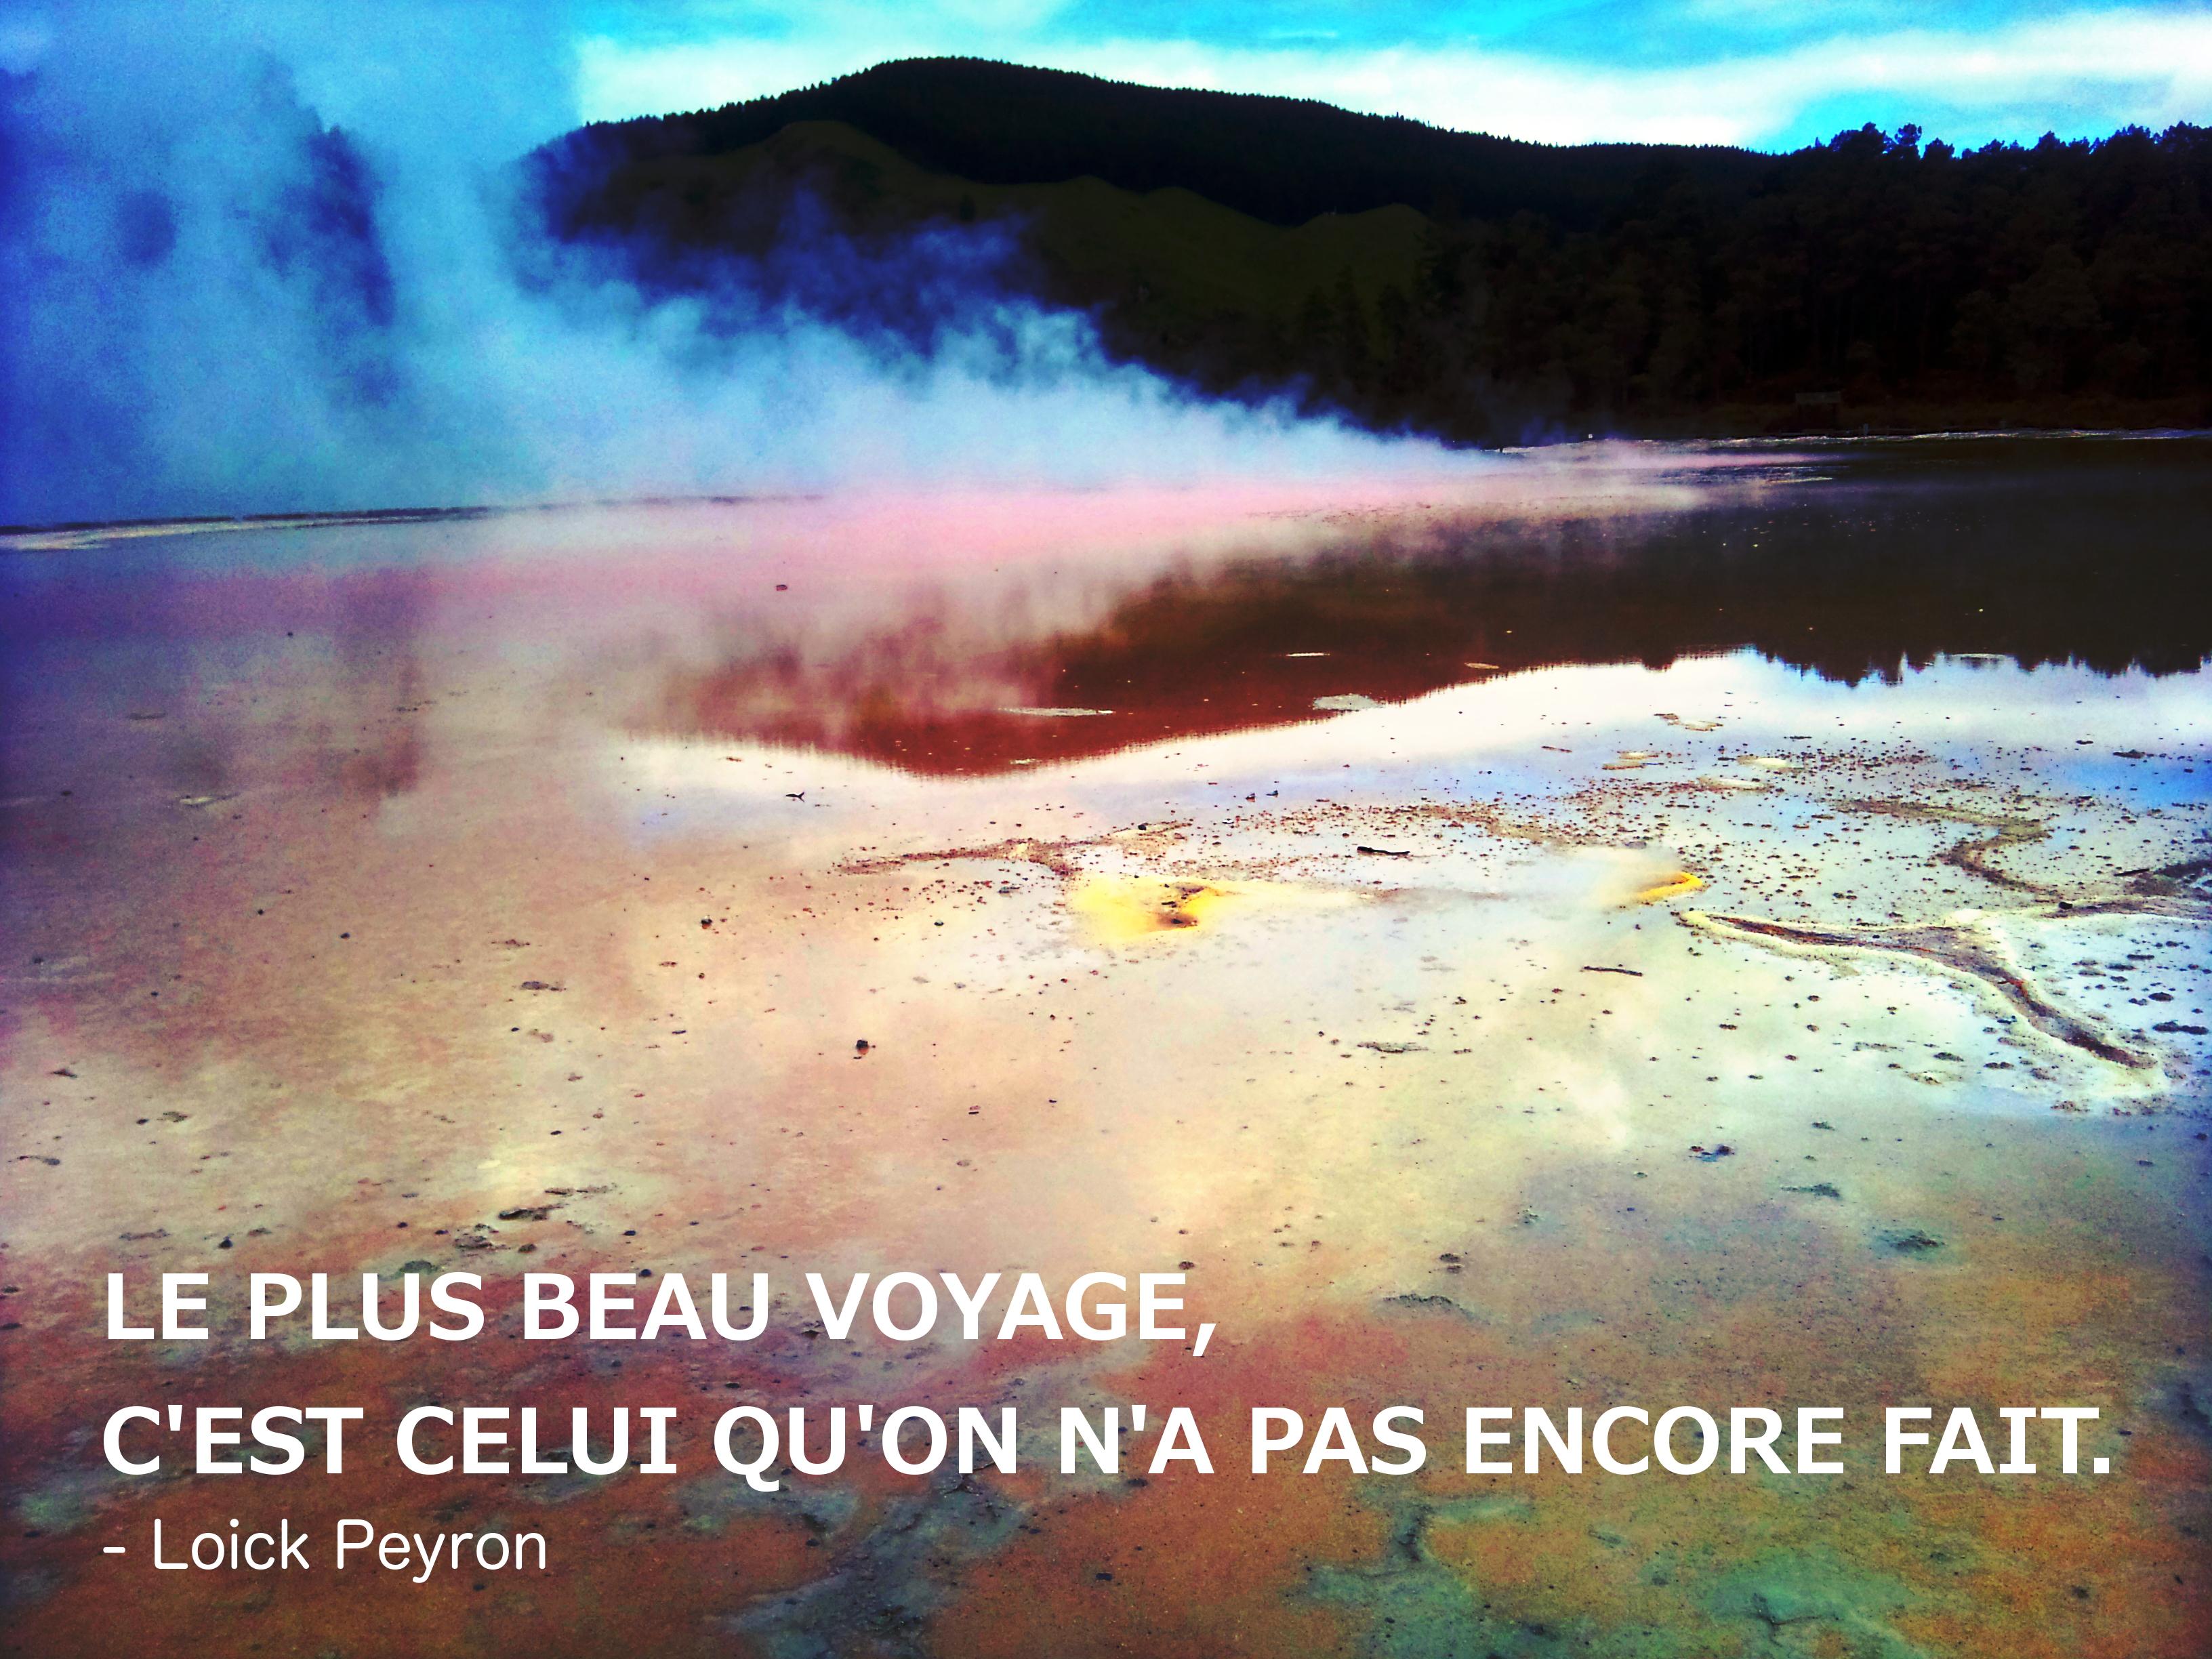 Le plus beau voyage, c'est celui qu'on n'a pas encore fait ...